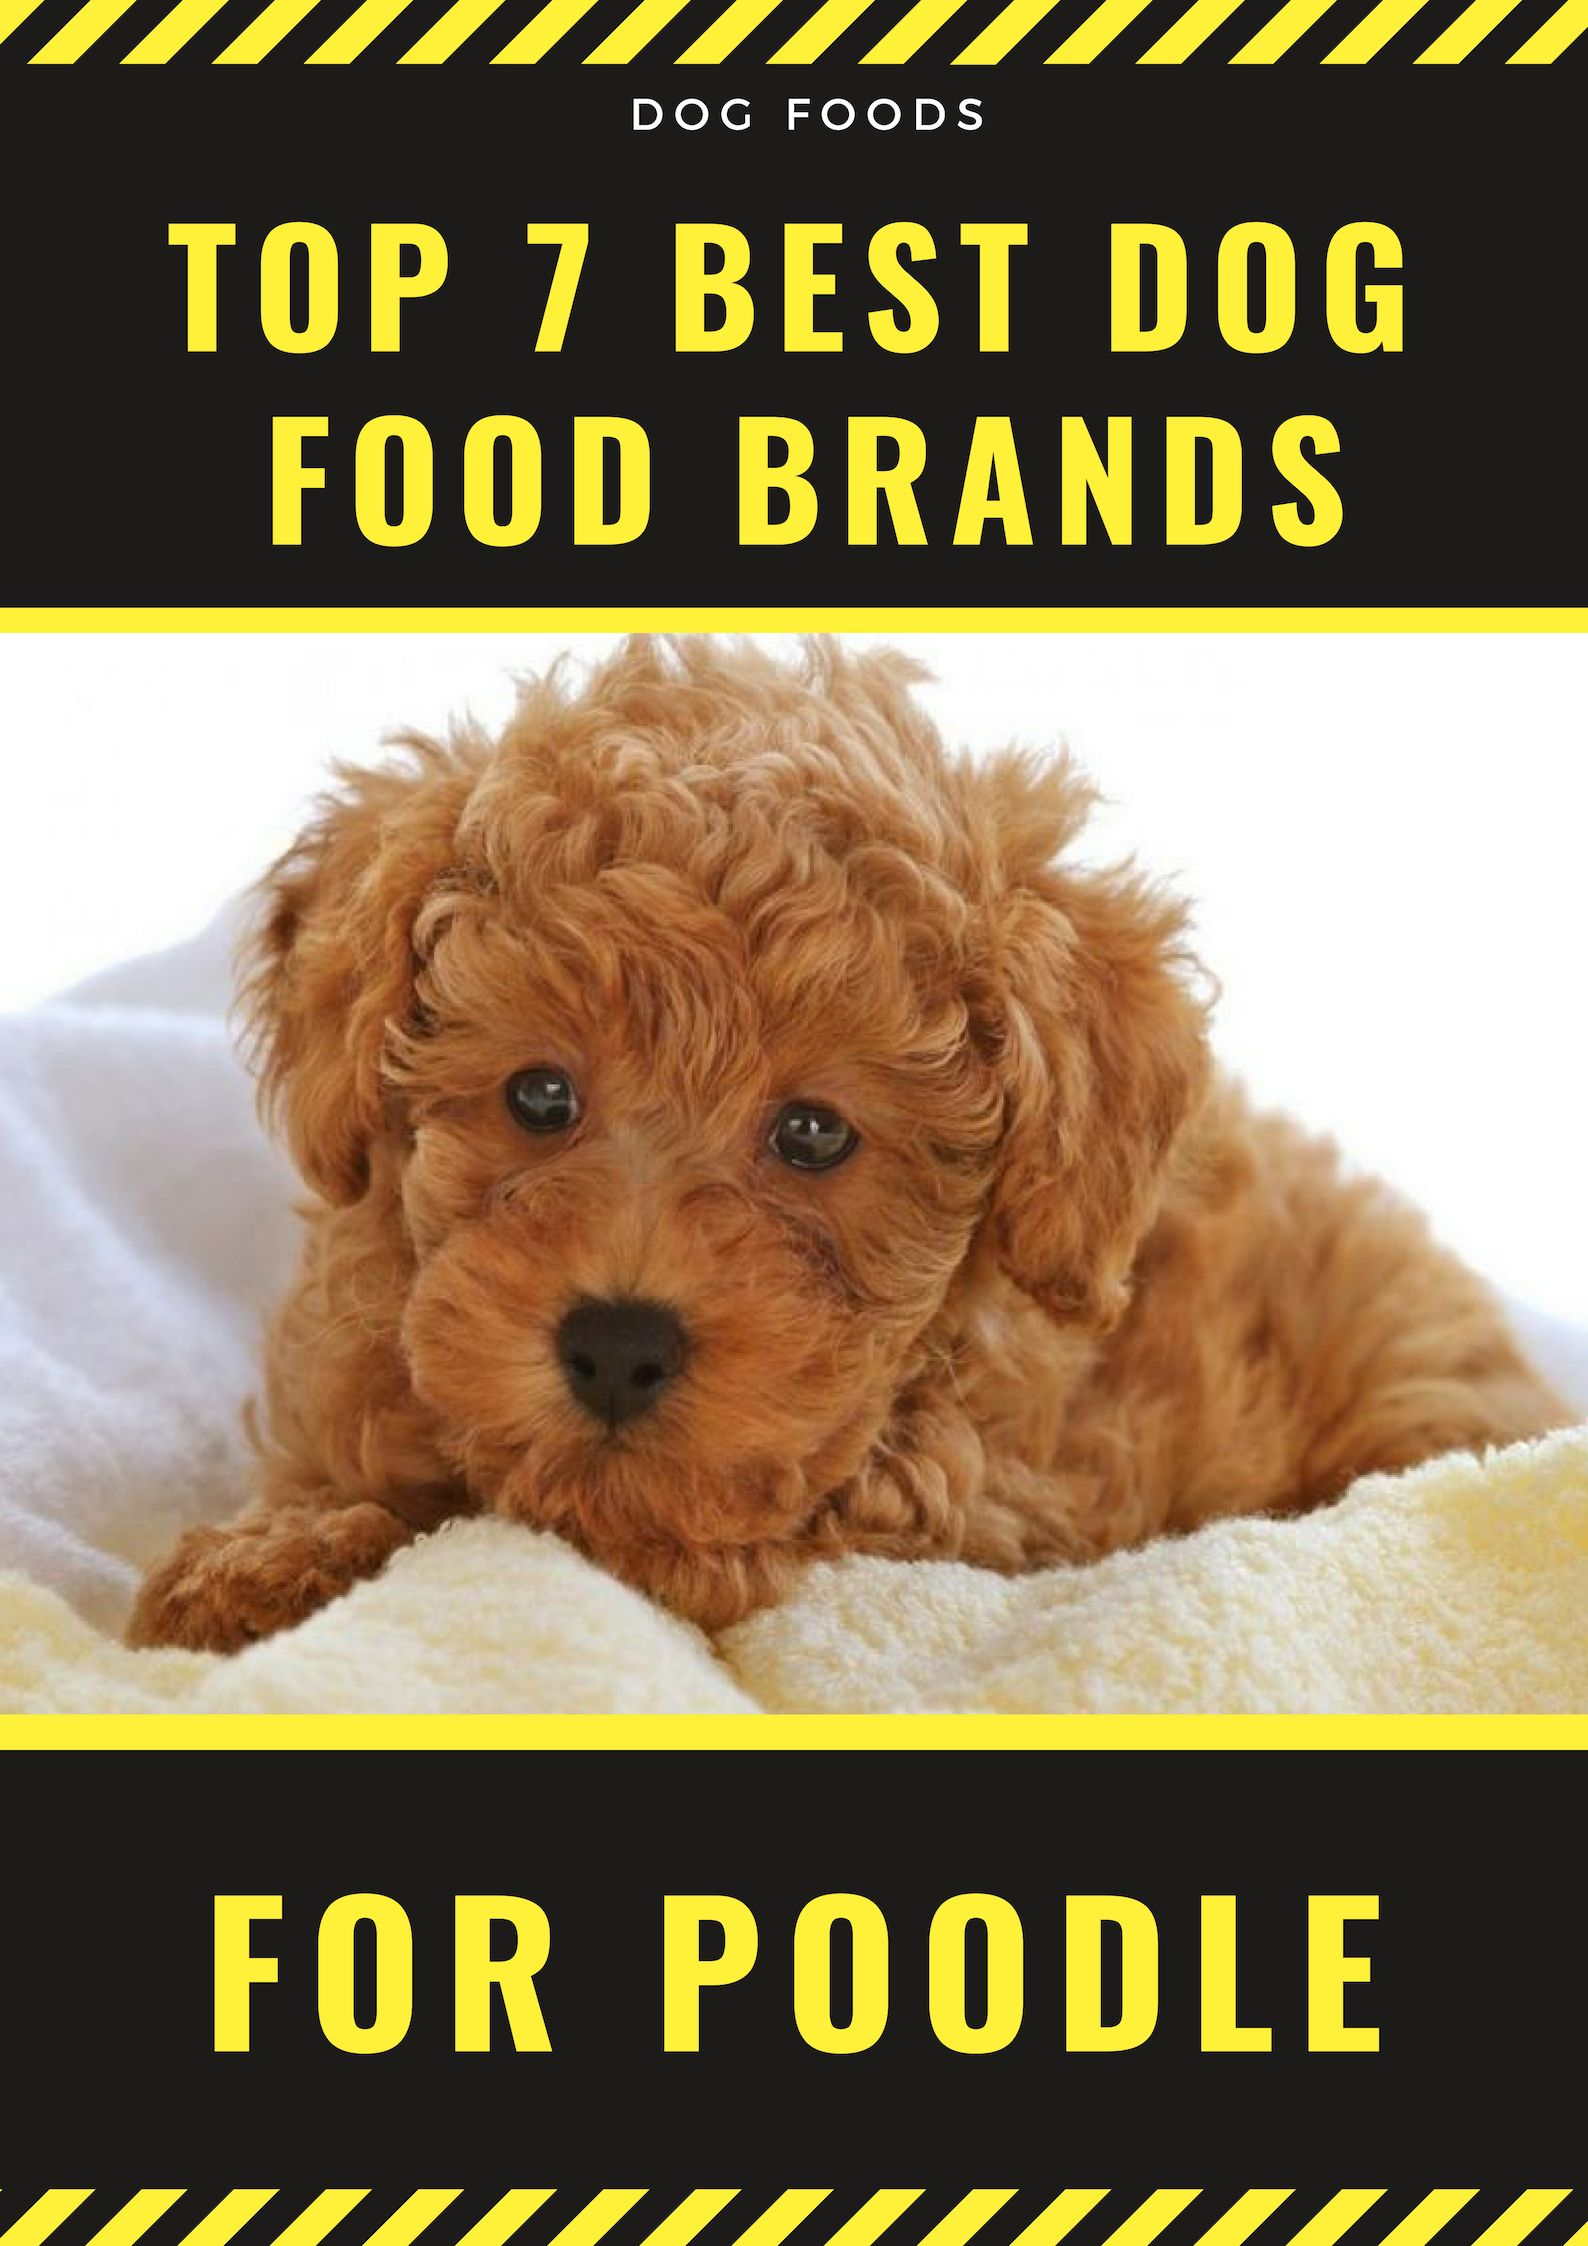 Top 7 Best Dog Food Brands Dog Food Brands Best Dog Food Best